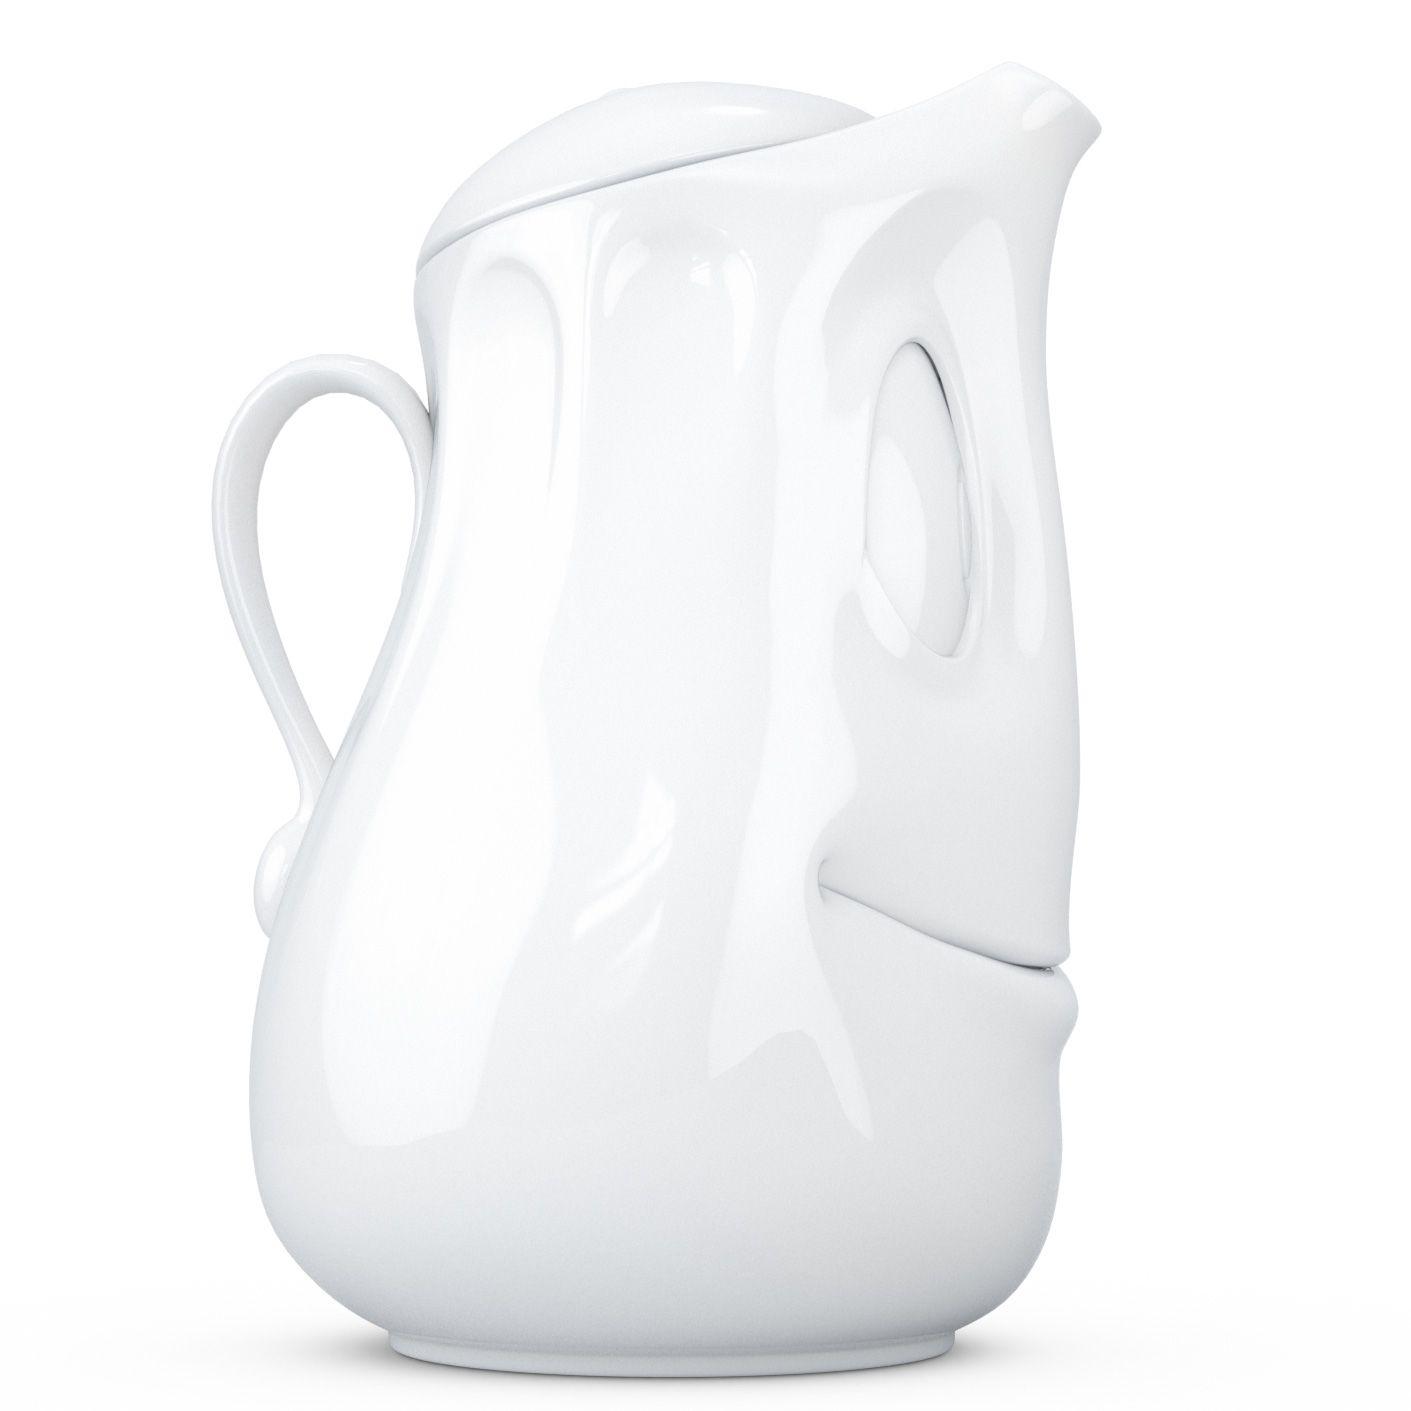 Заварочный чайник Tassen белый фарфоровый